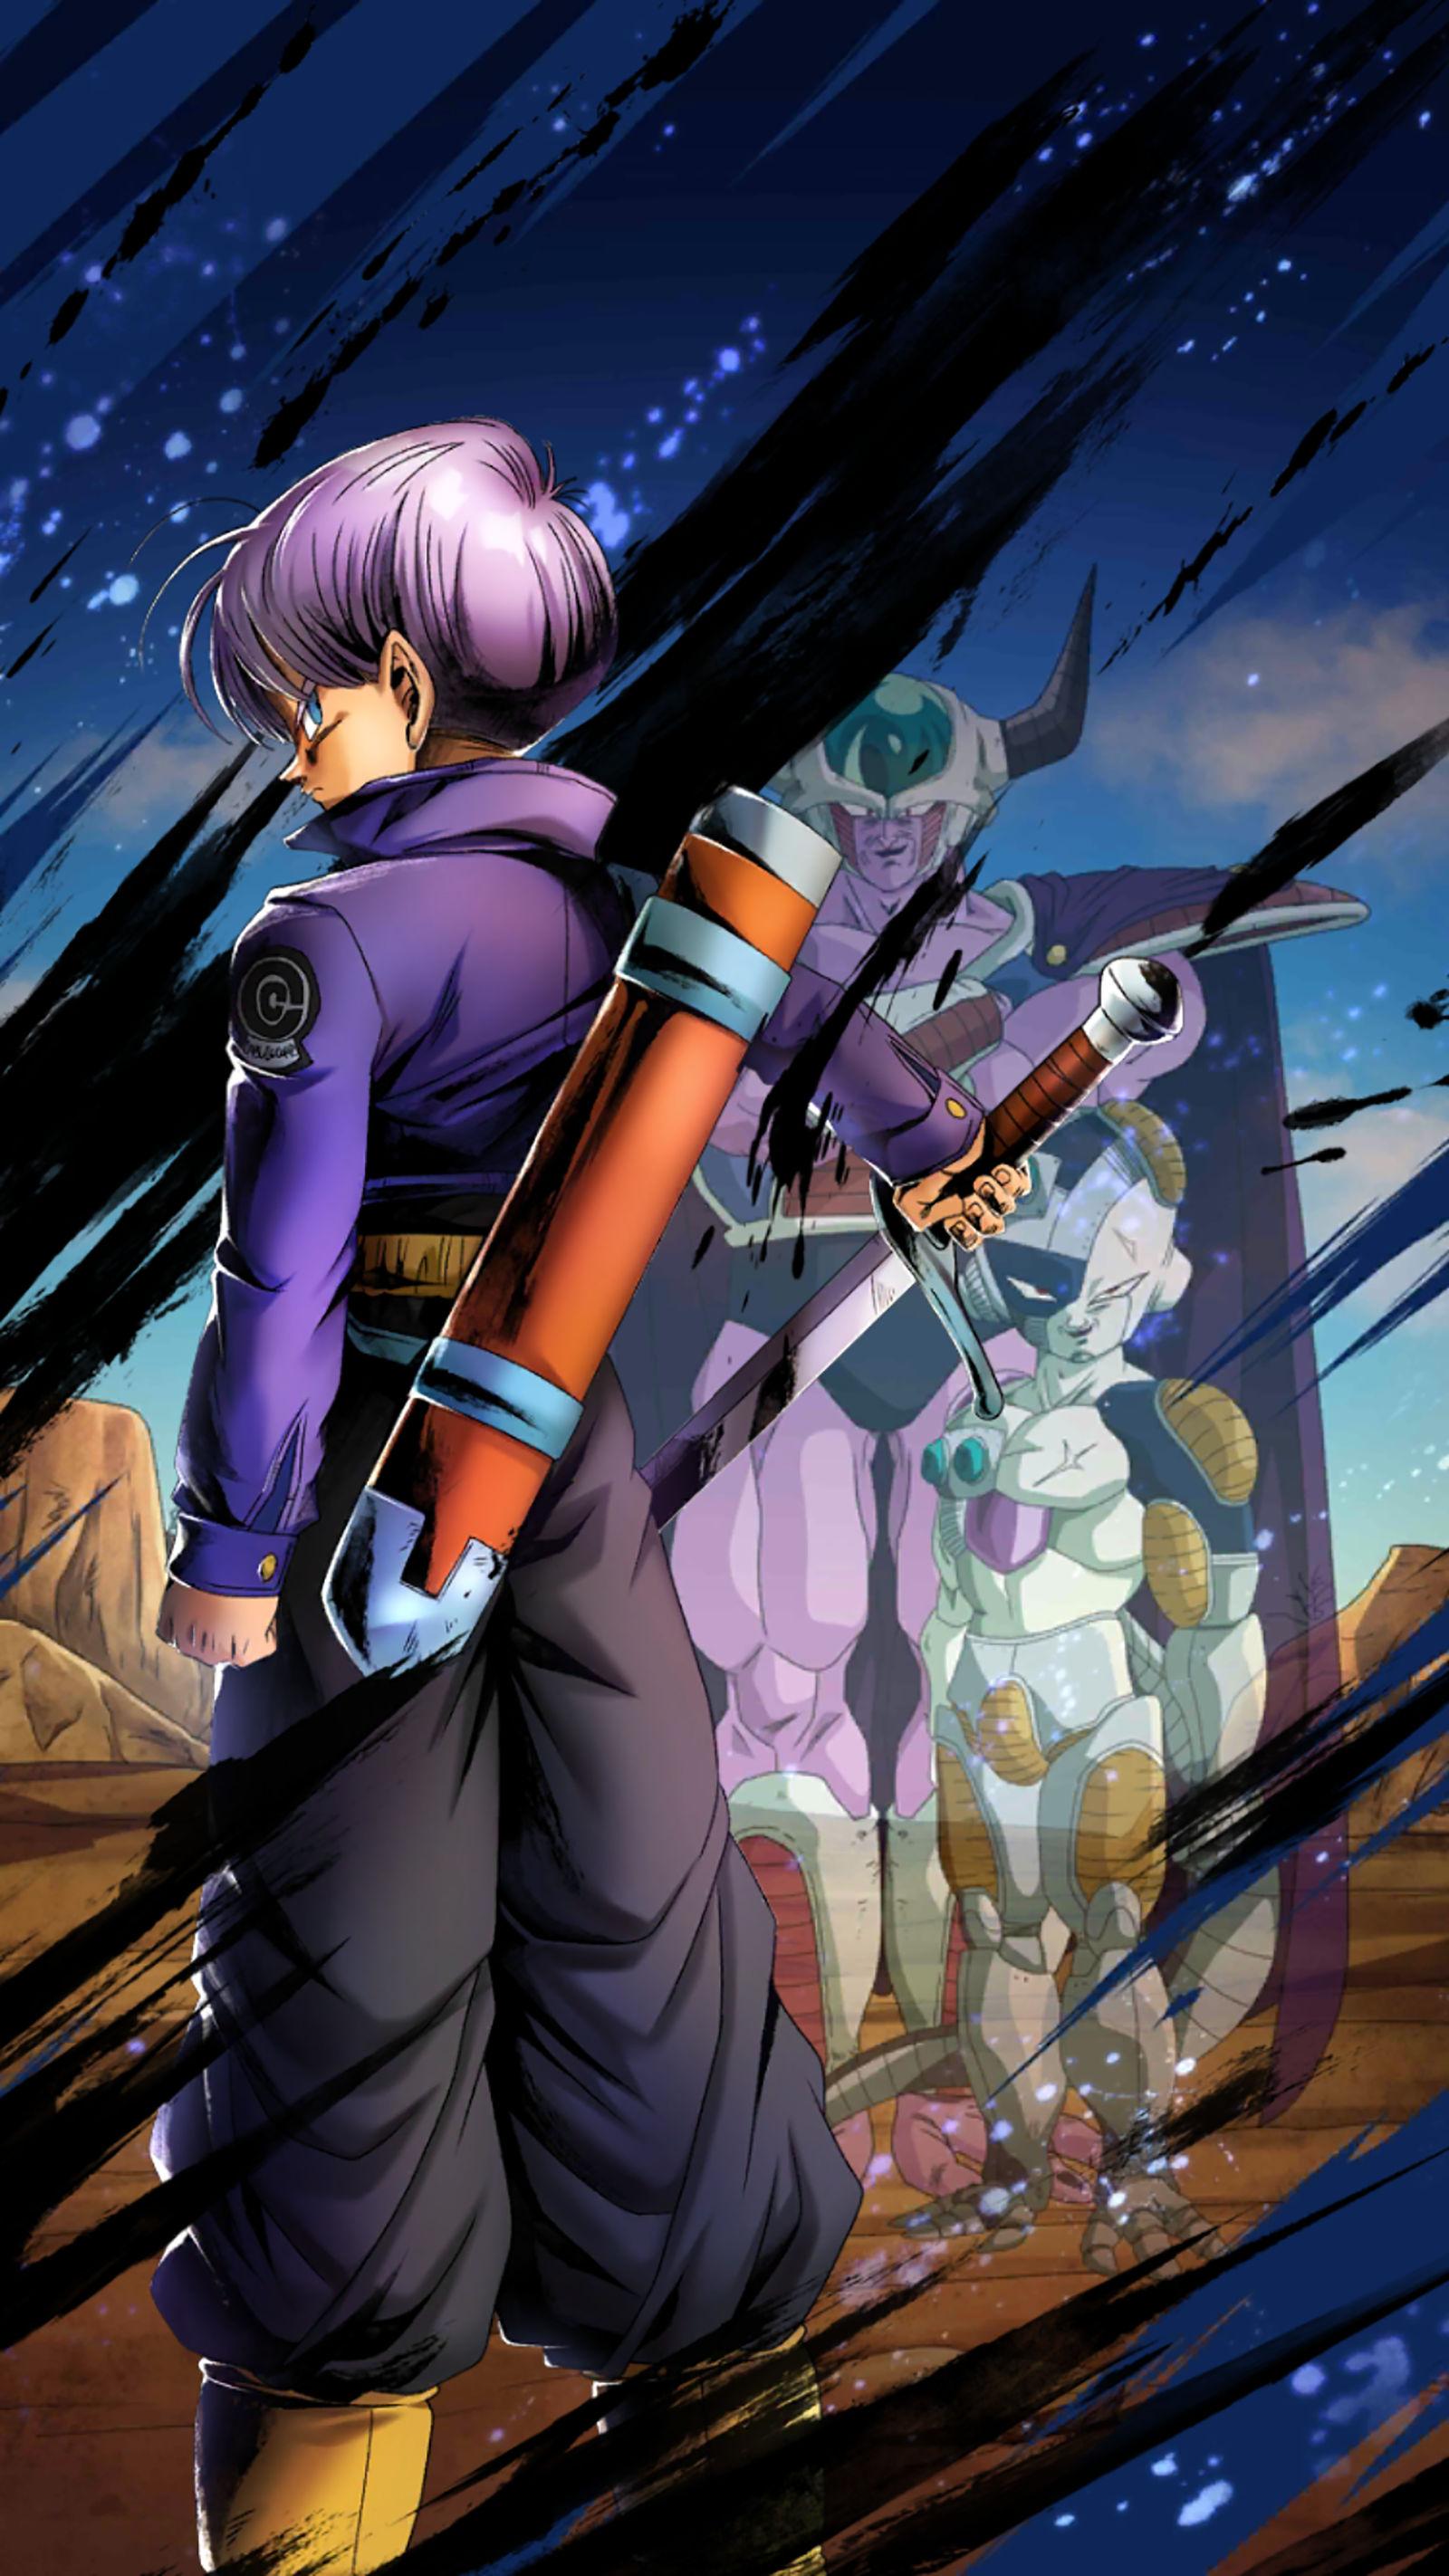 Trunks Dragon Ball Legends Wallpaper By Rifhaart On Deviantart